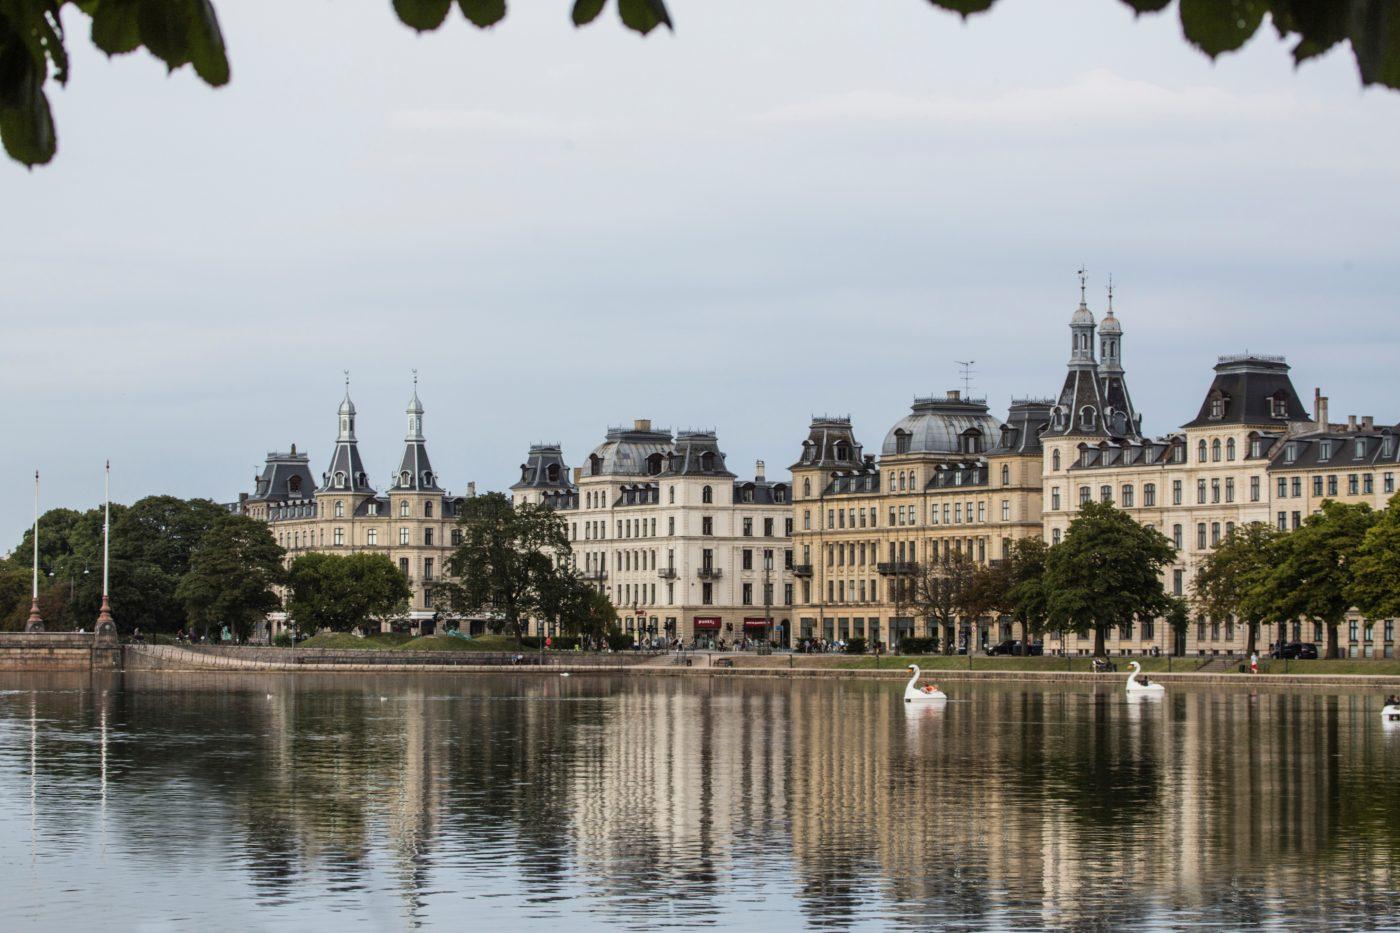 Søtorvet København udsigt over søerne Elgaard Architecture